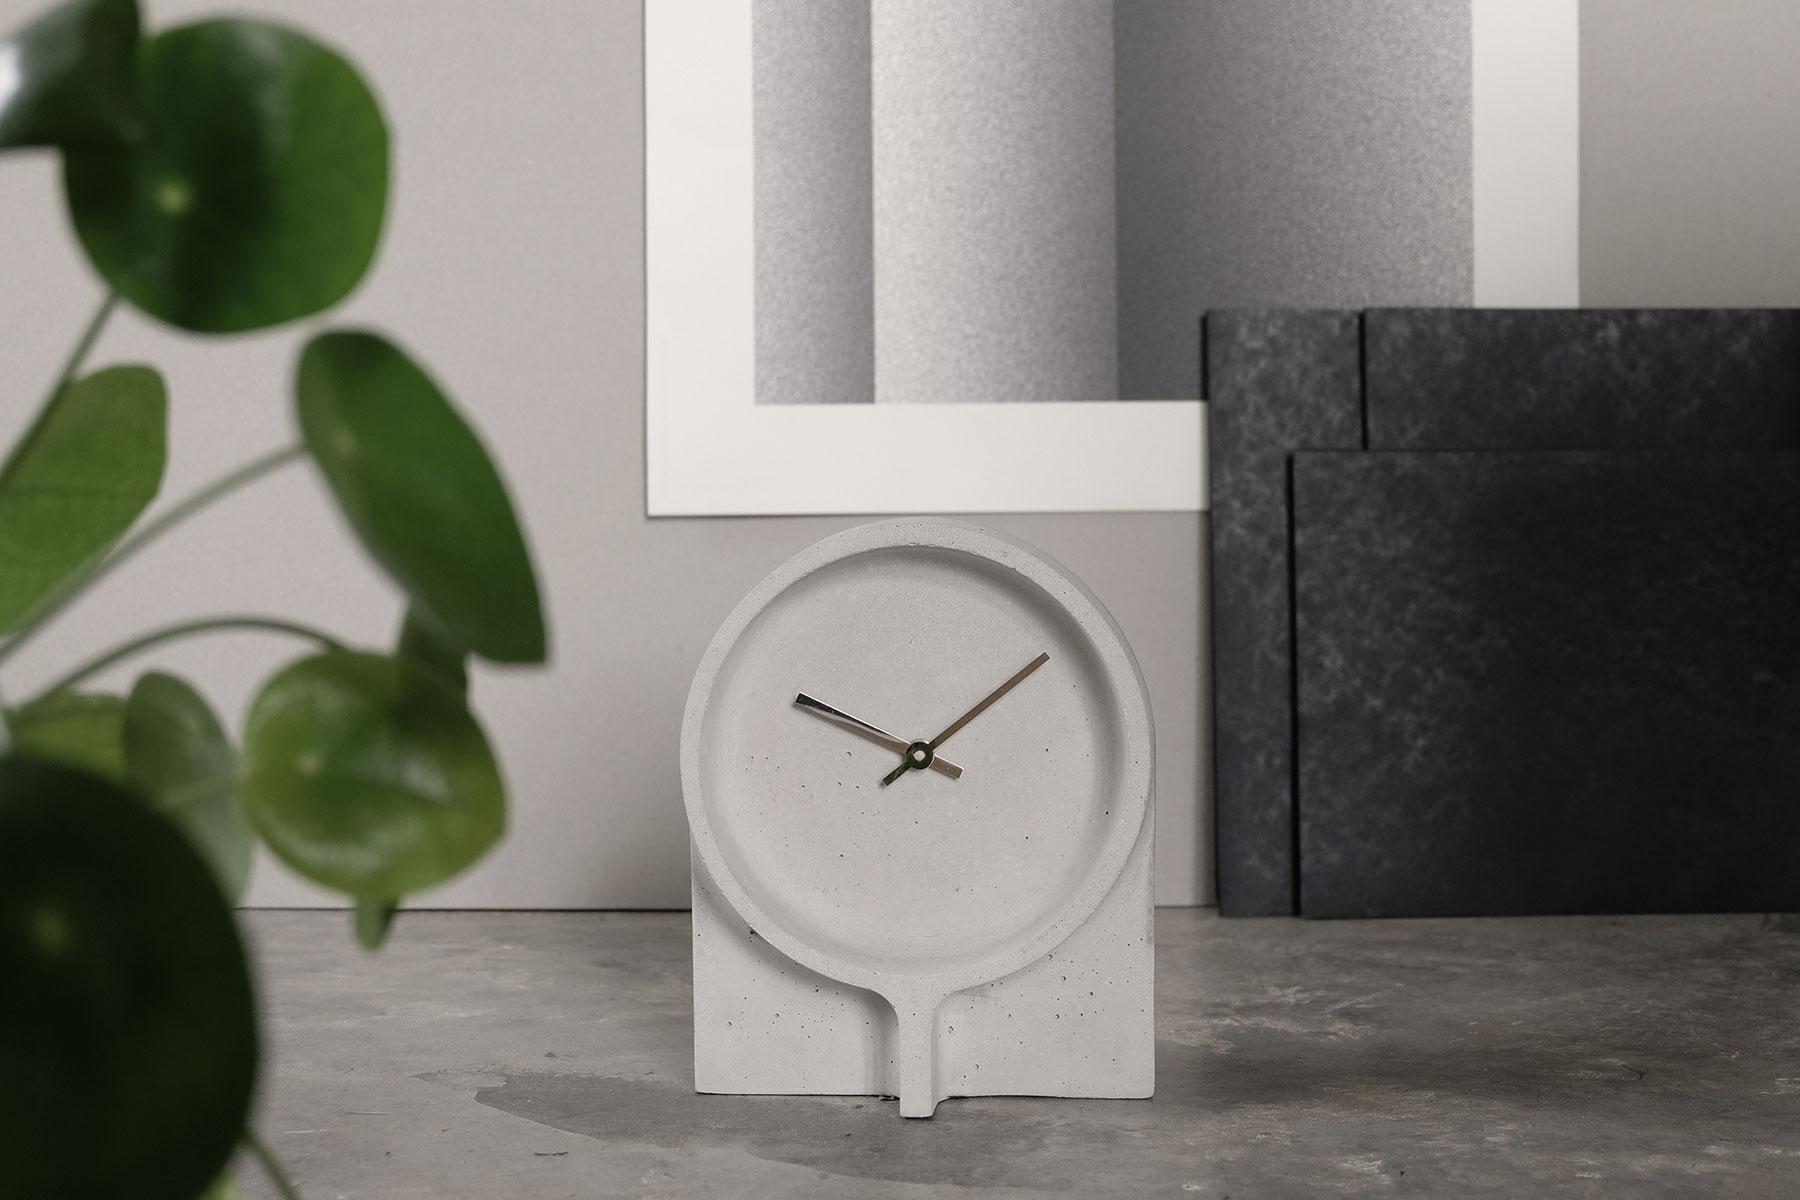 Iratzoki-lizaso-design-2018-clock